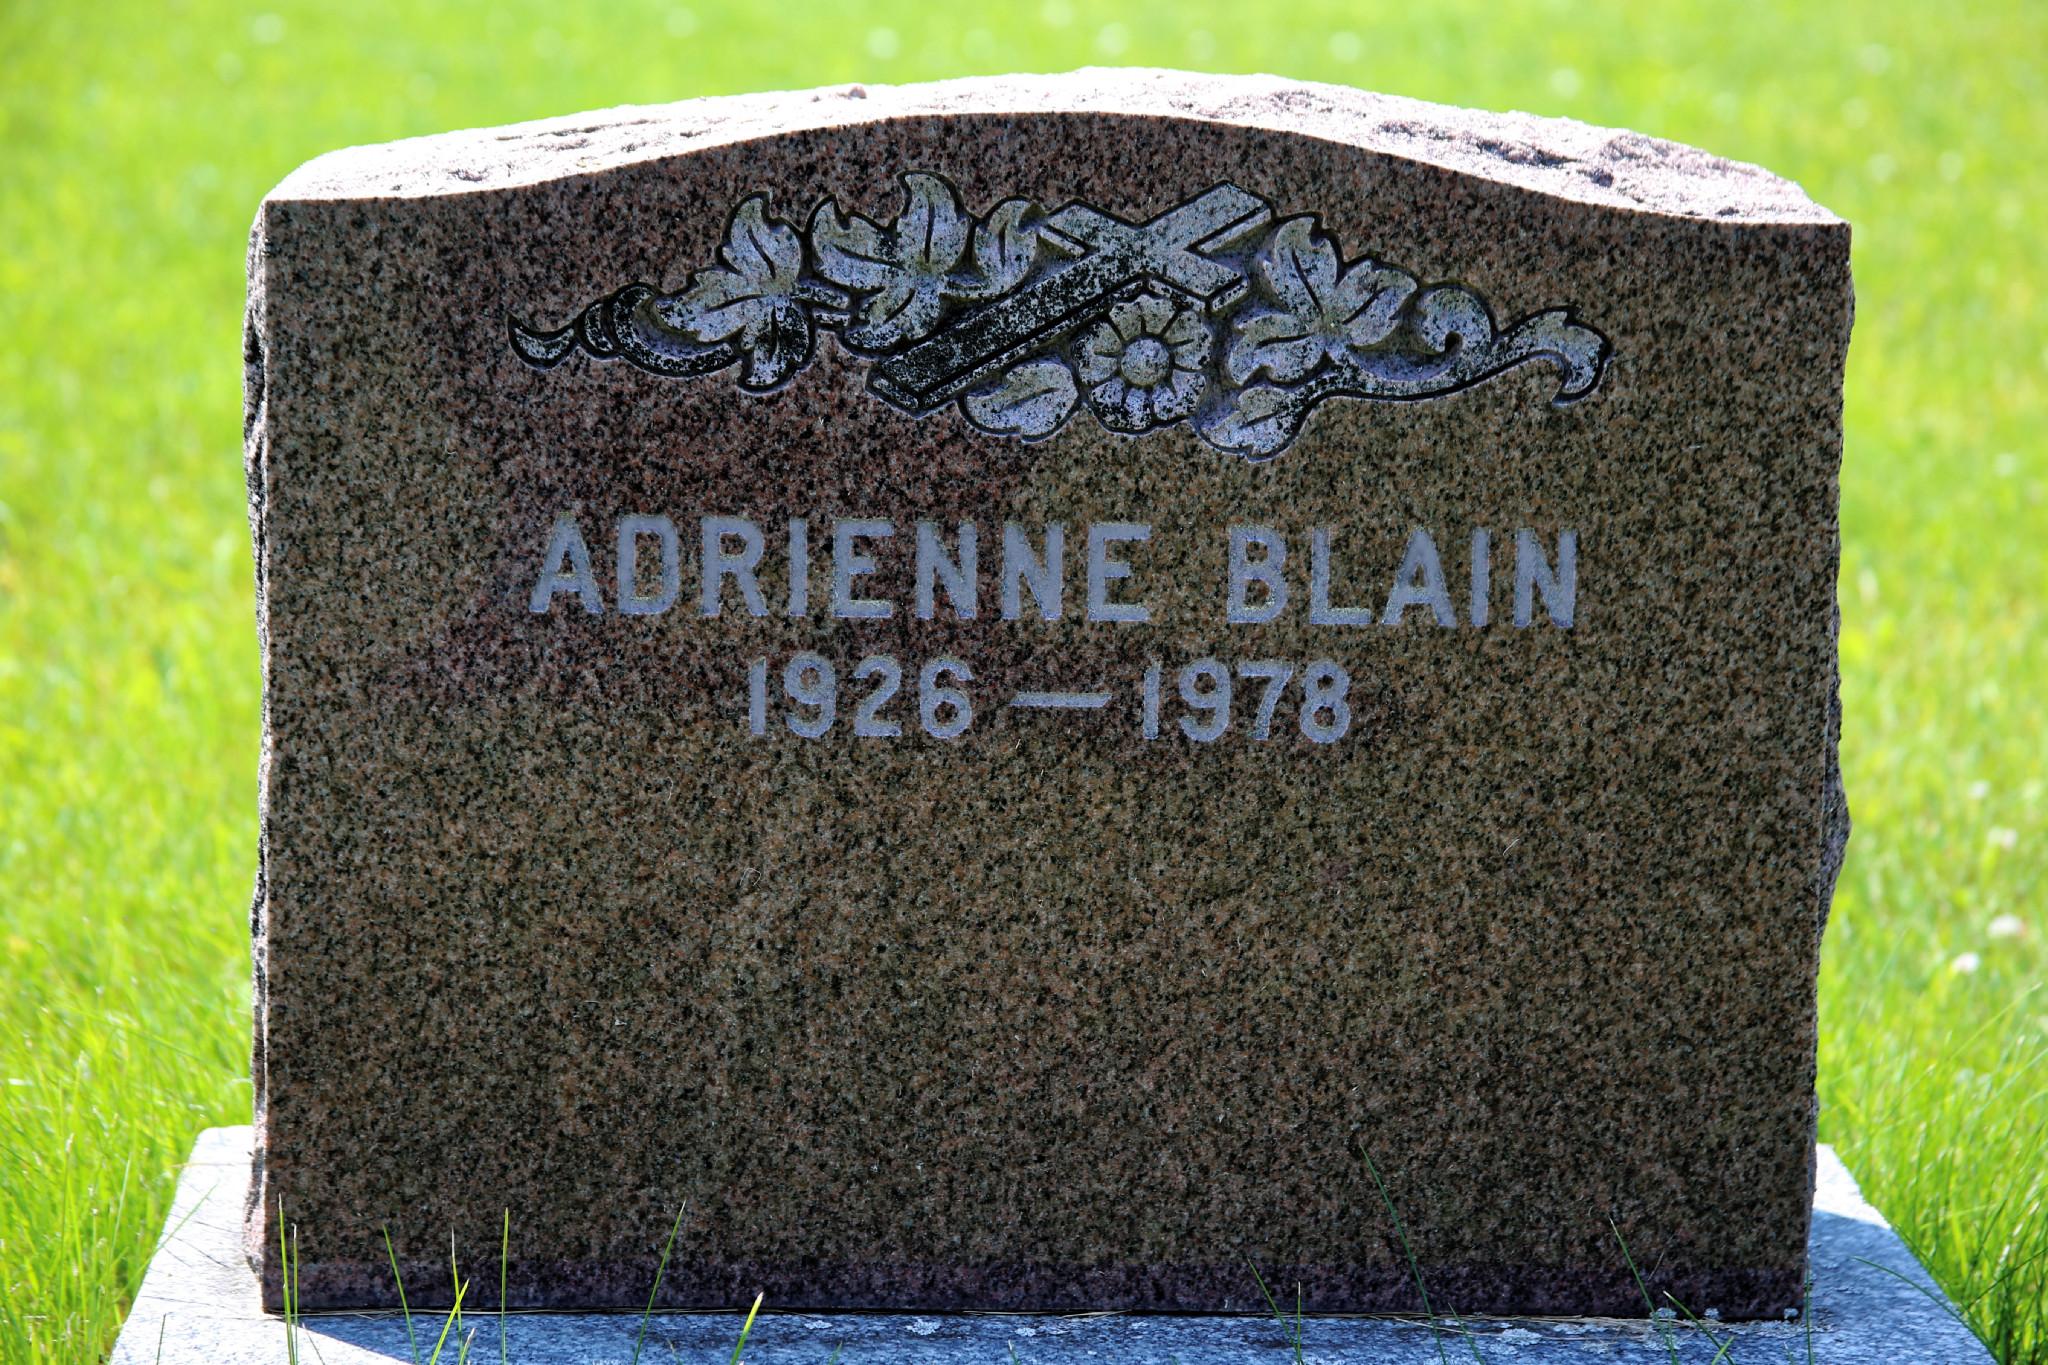 Adrienne Blain